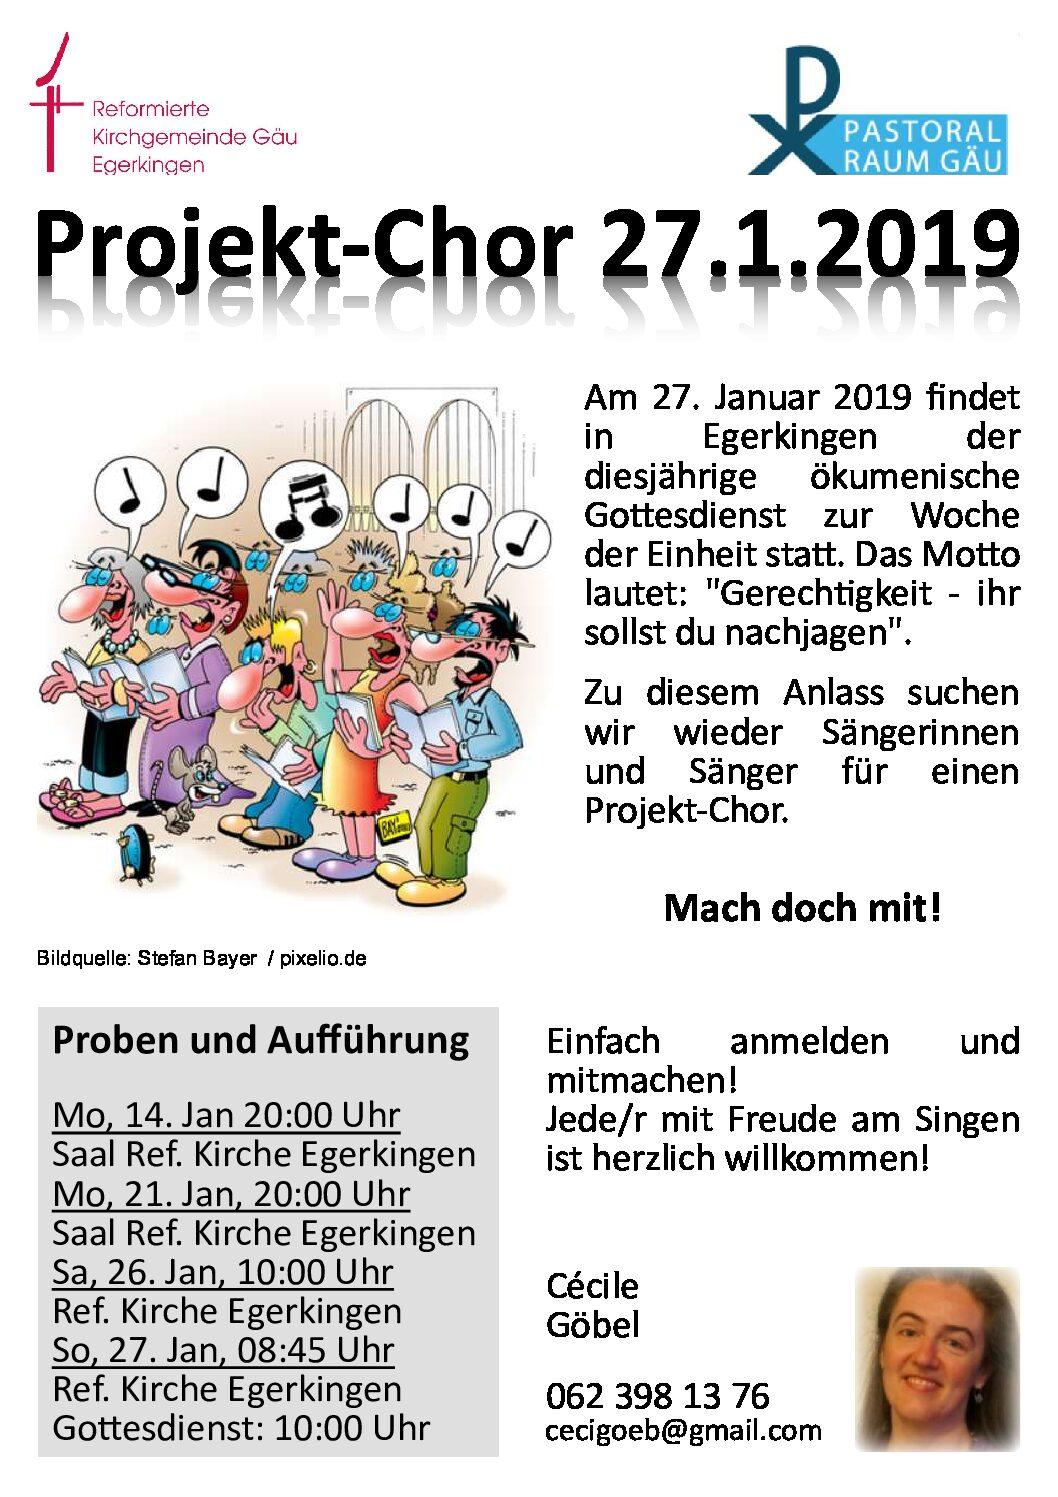 Projekt-Chor 27.1.2019